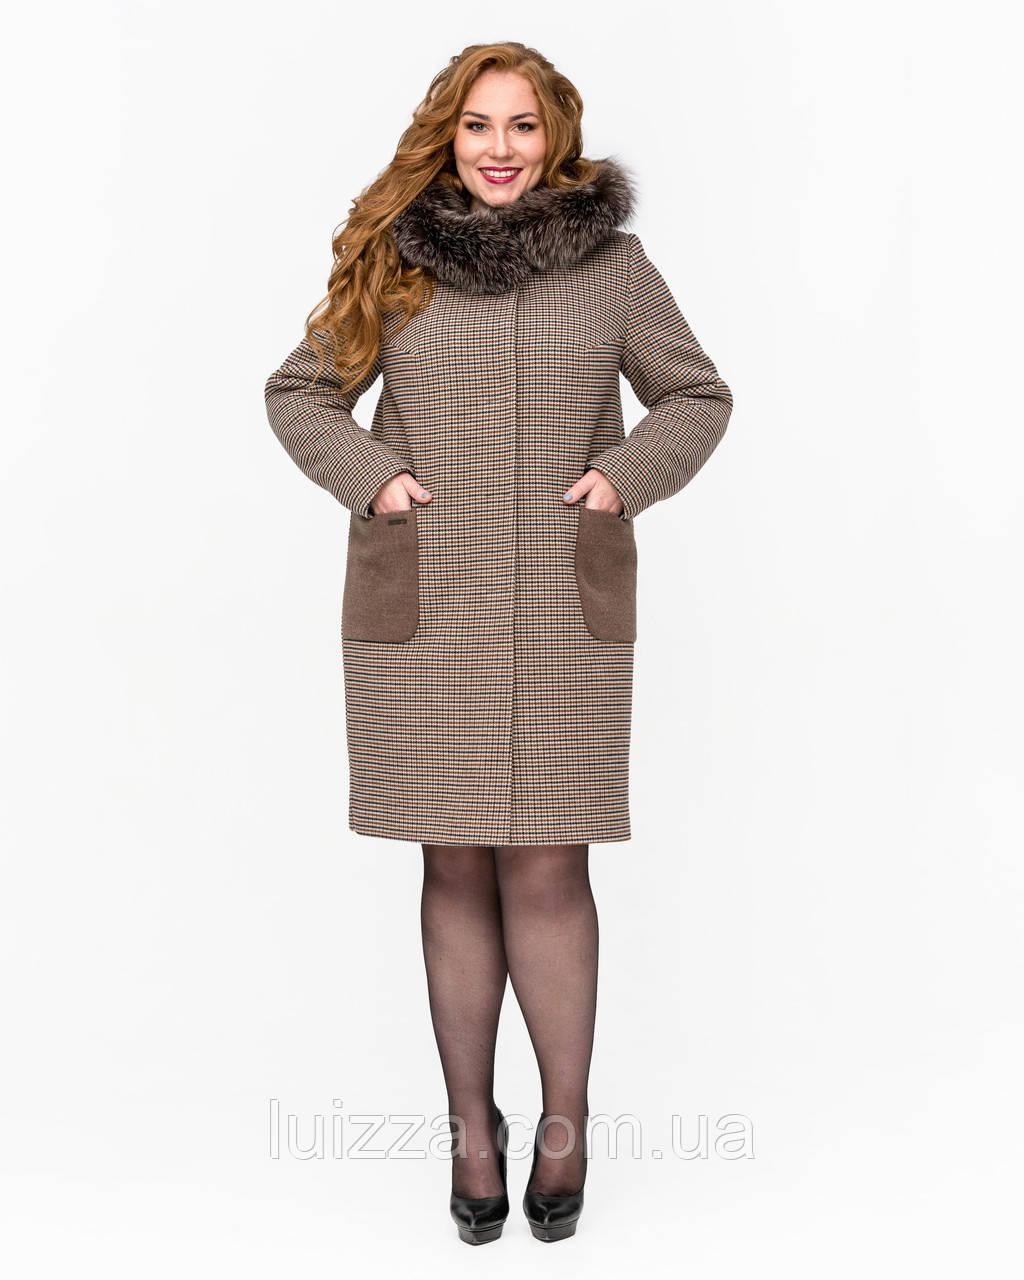 Зимове пальто з хутром клітина шоколад 44-54р